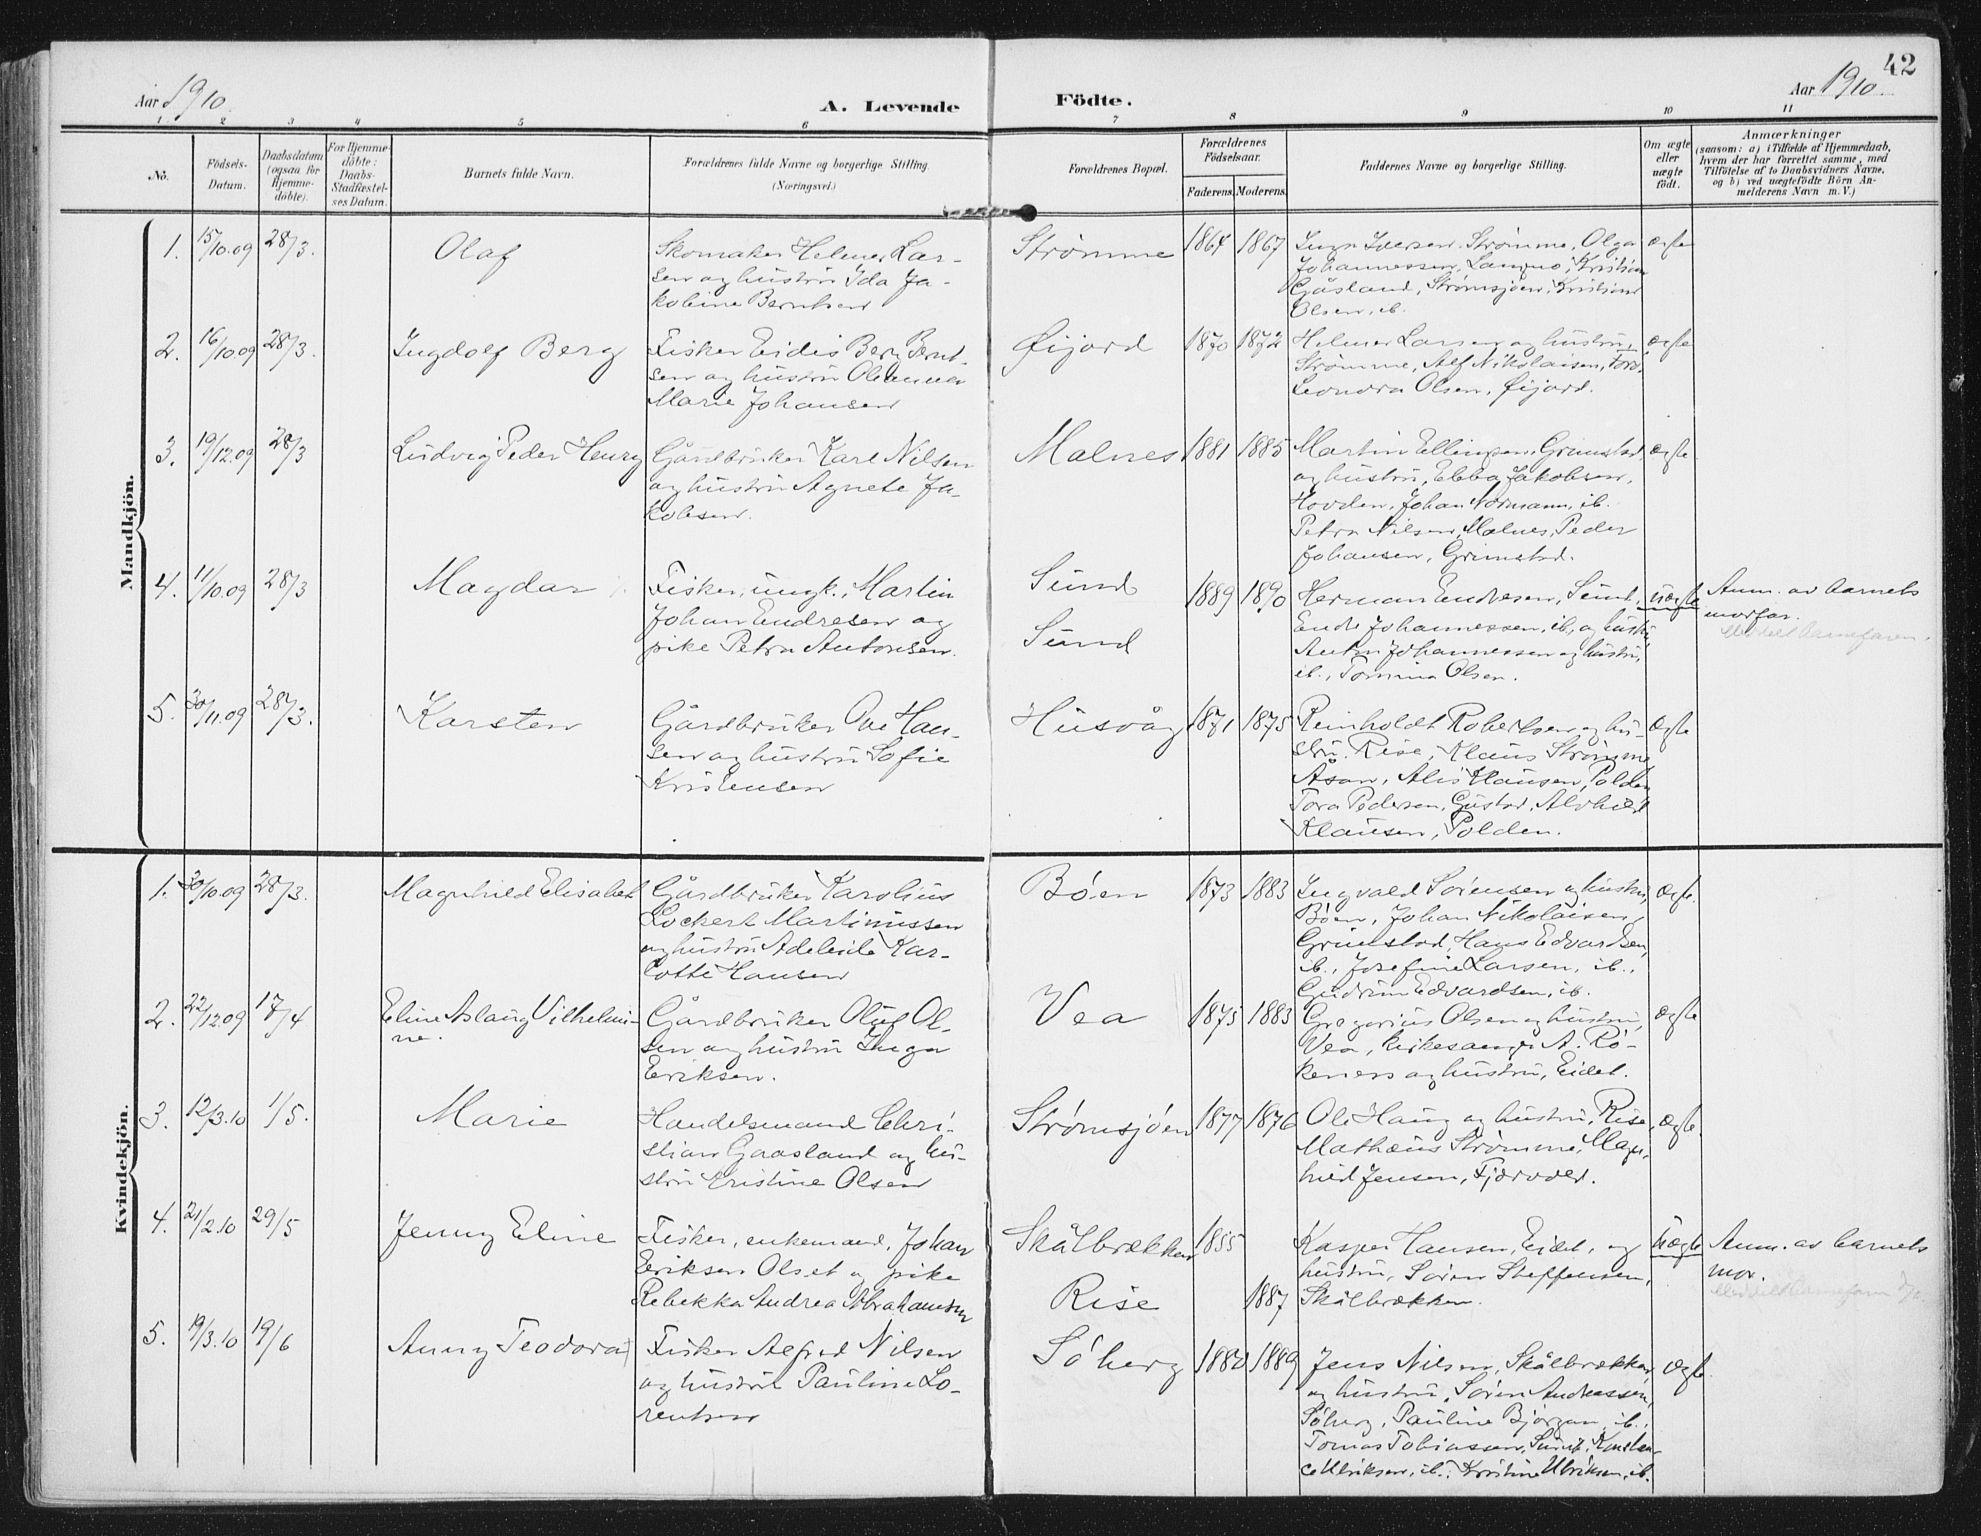 SAT, Ministerialprotokoller, klokkerbøker og fødselsregistre - Nordland, 892/L1321: Parish register (official) no. 892A02, 1902-1918, p. 42